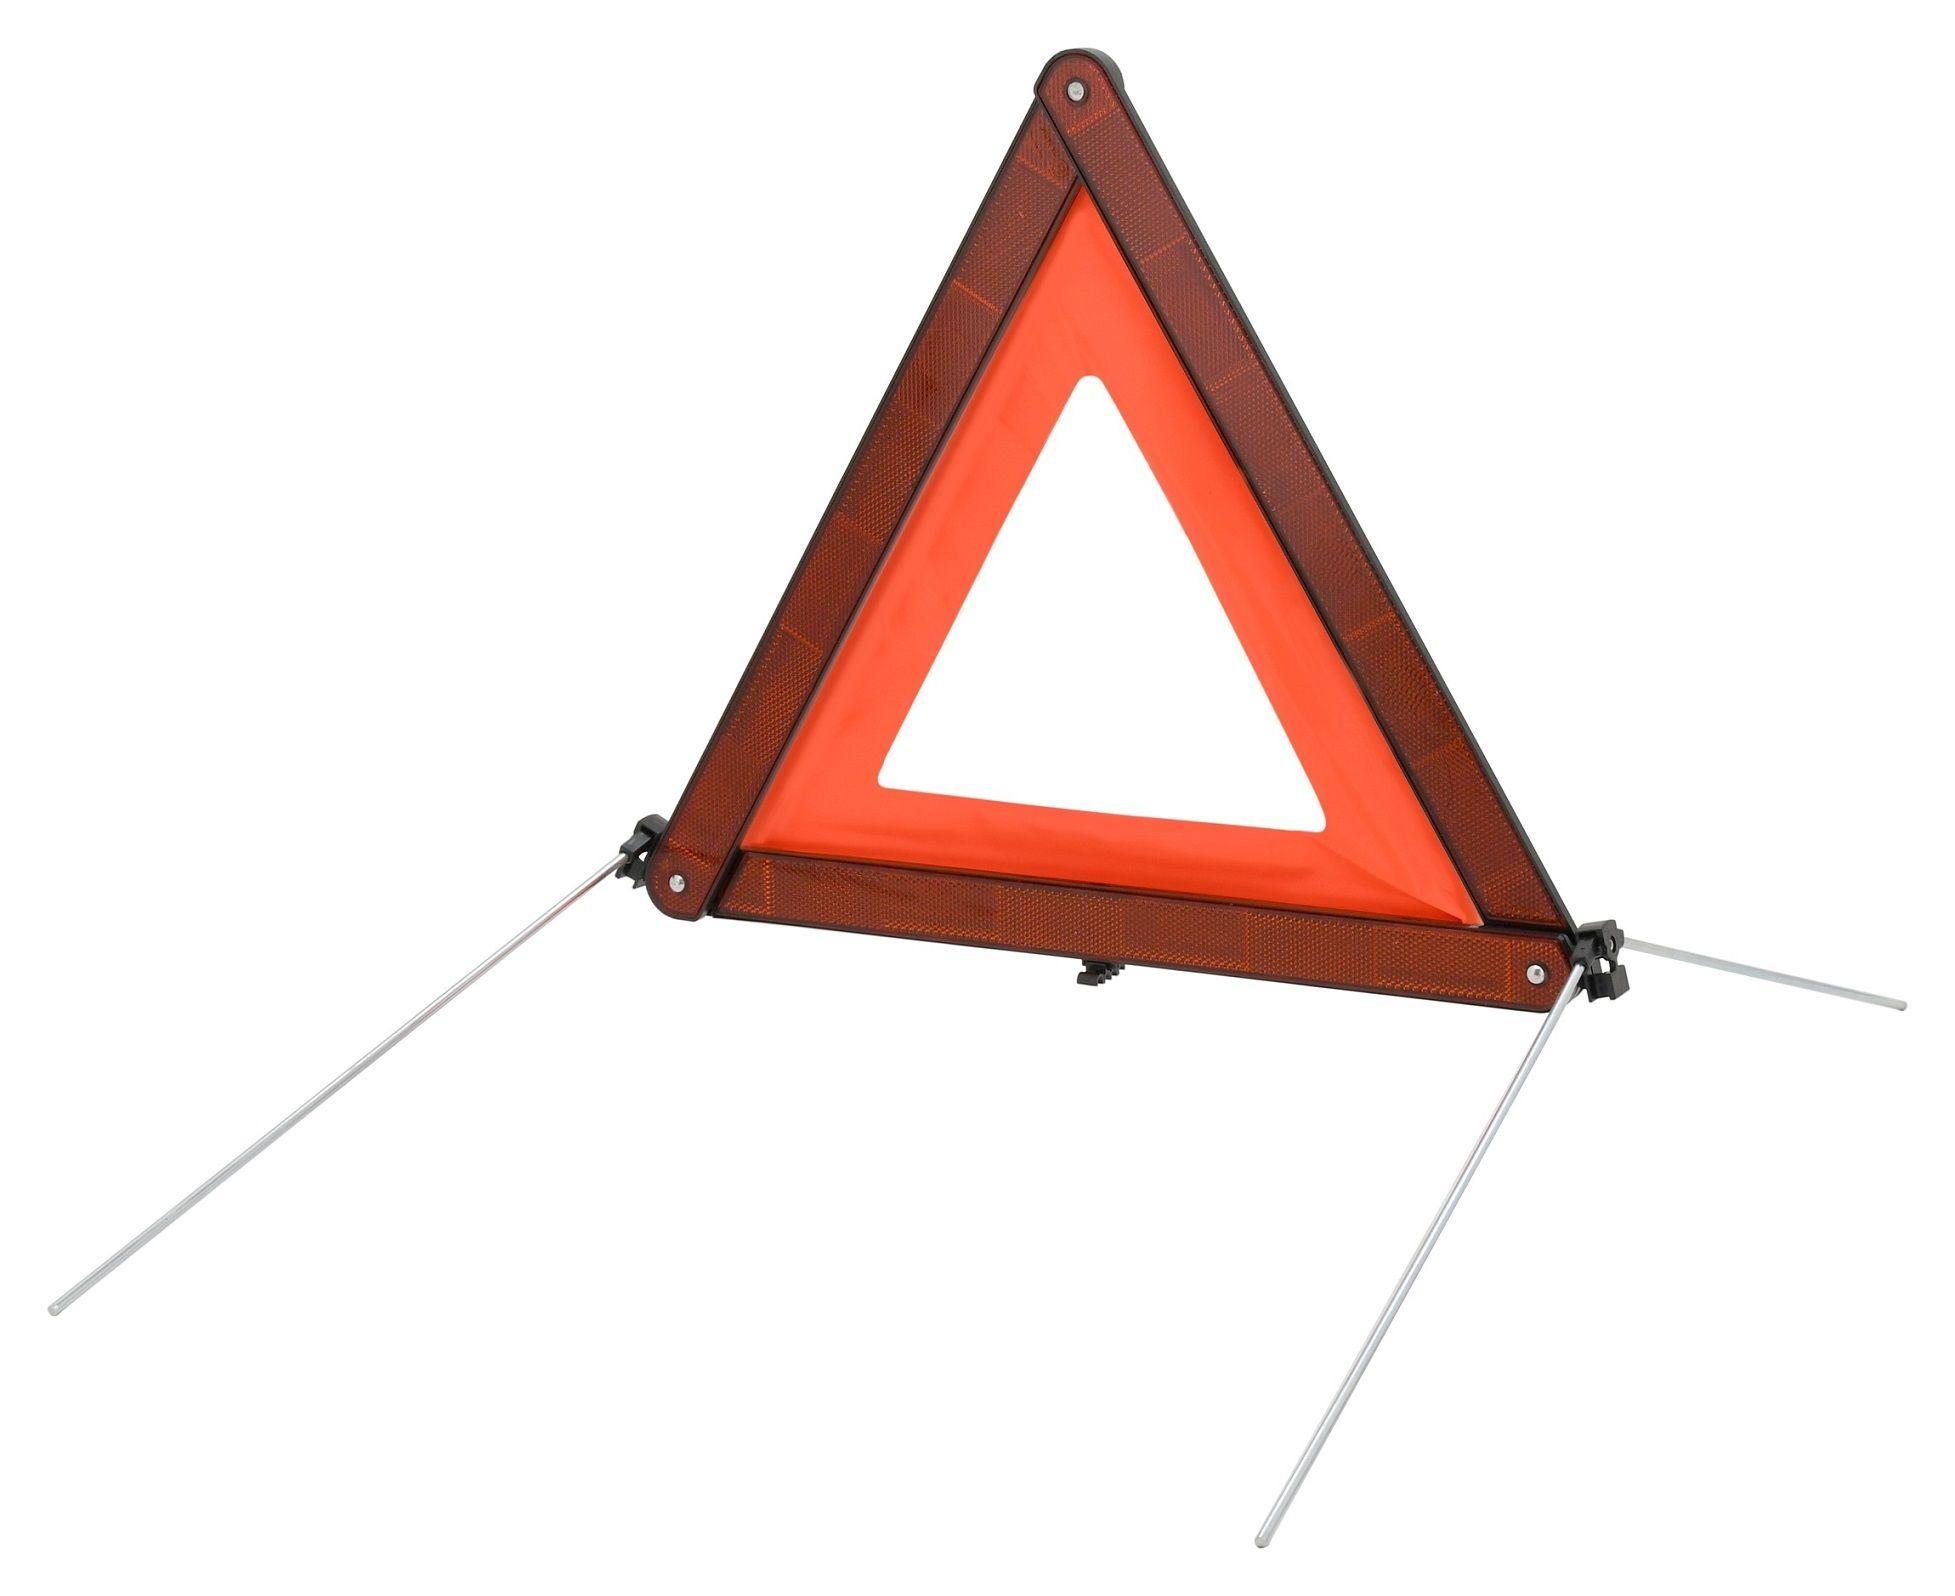 Výstražný trojúhelník E8 27R-041914 COMPASS